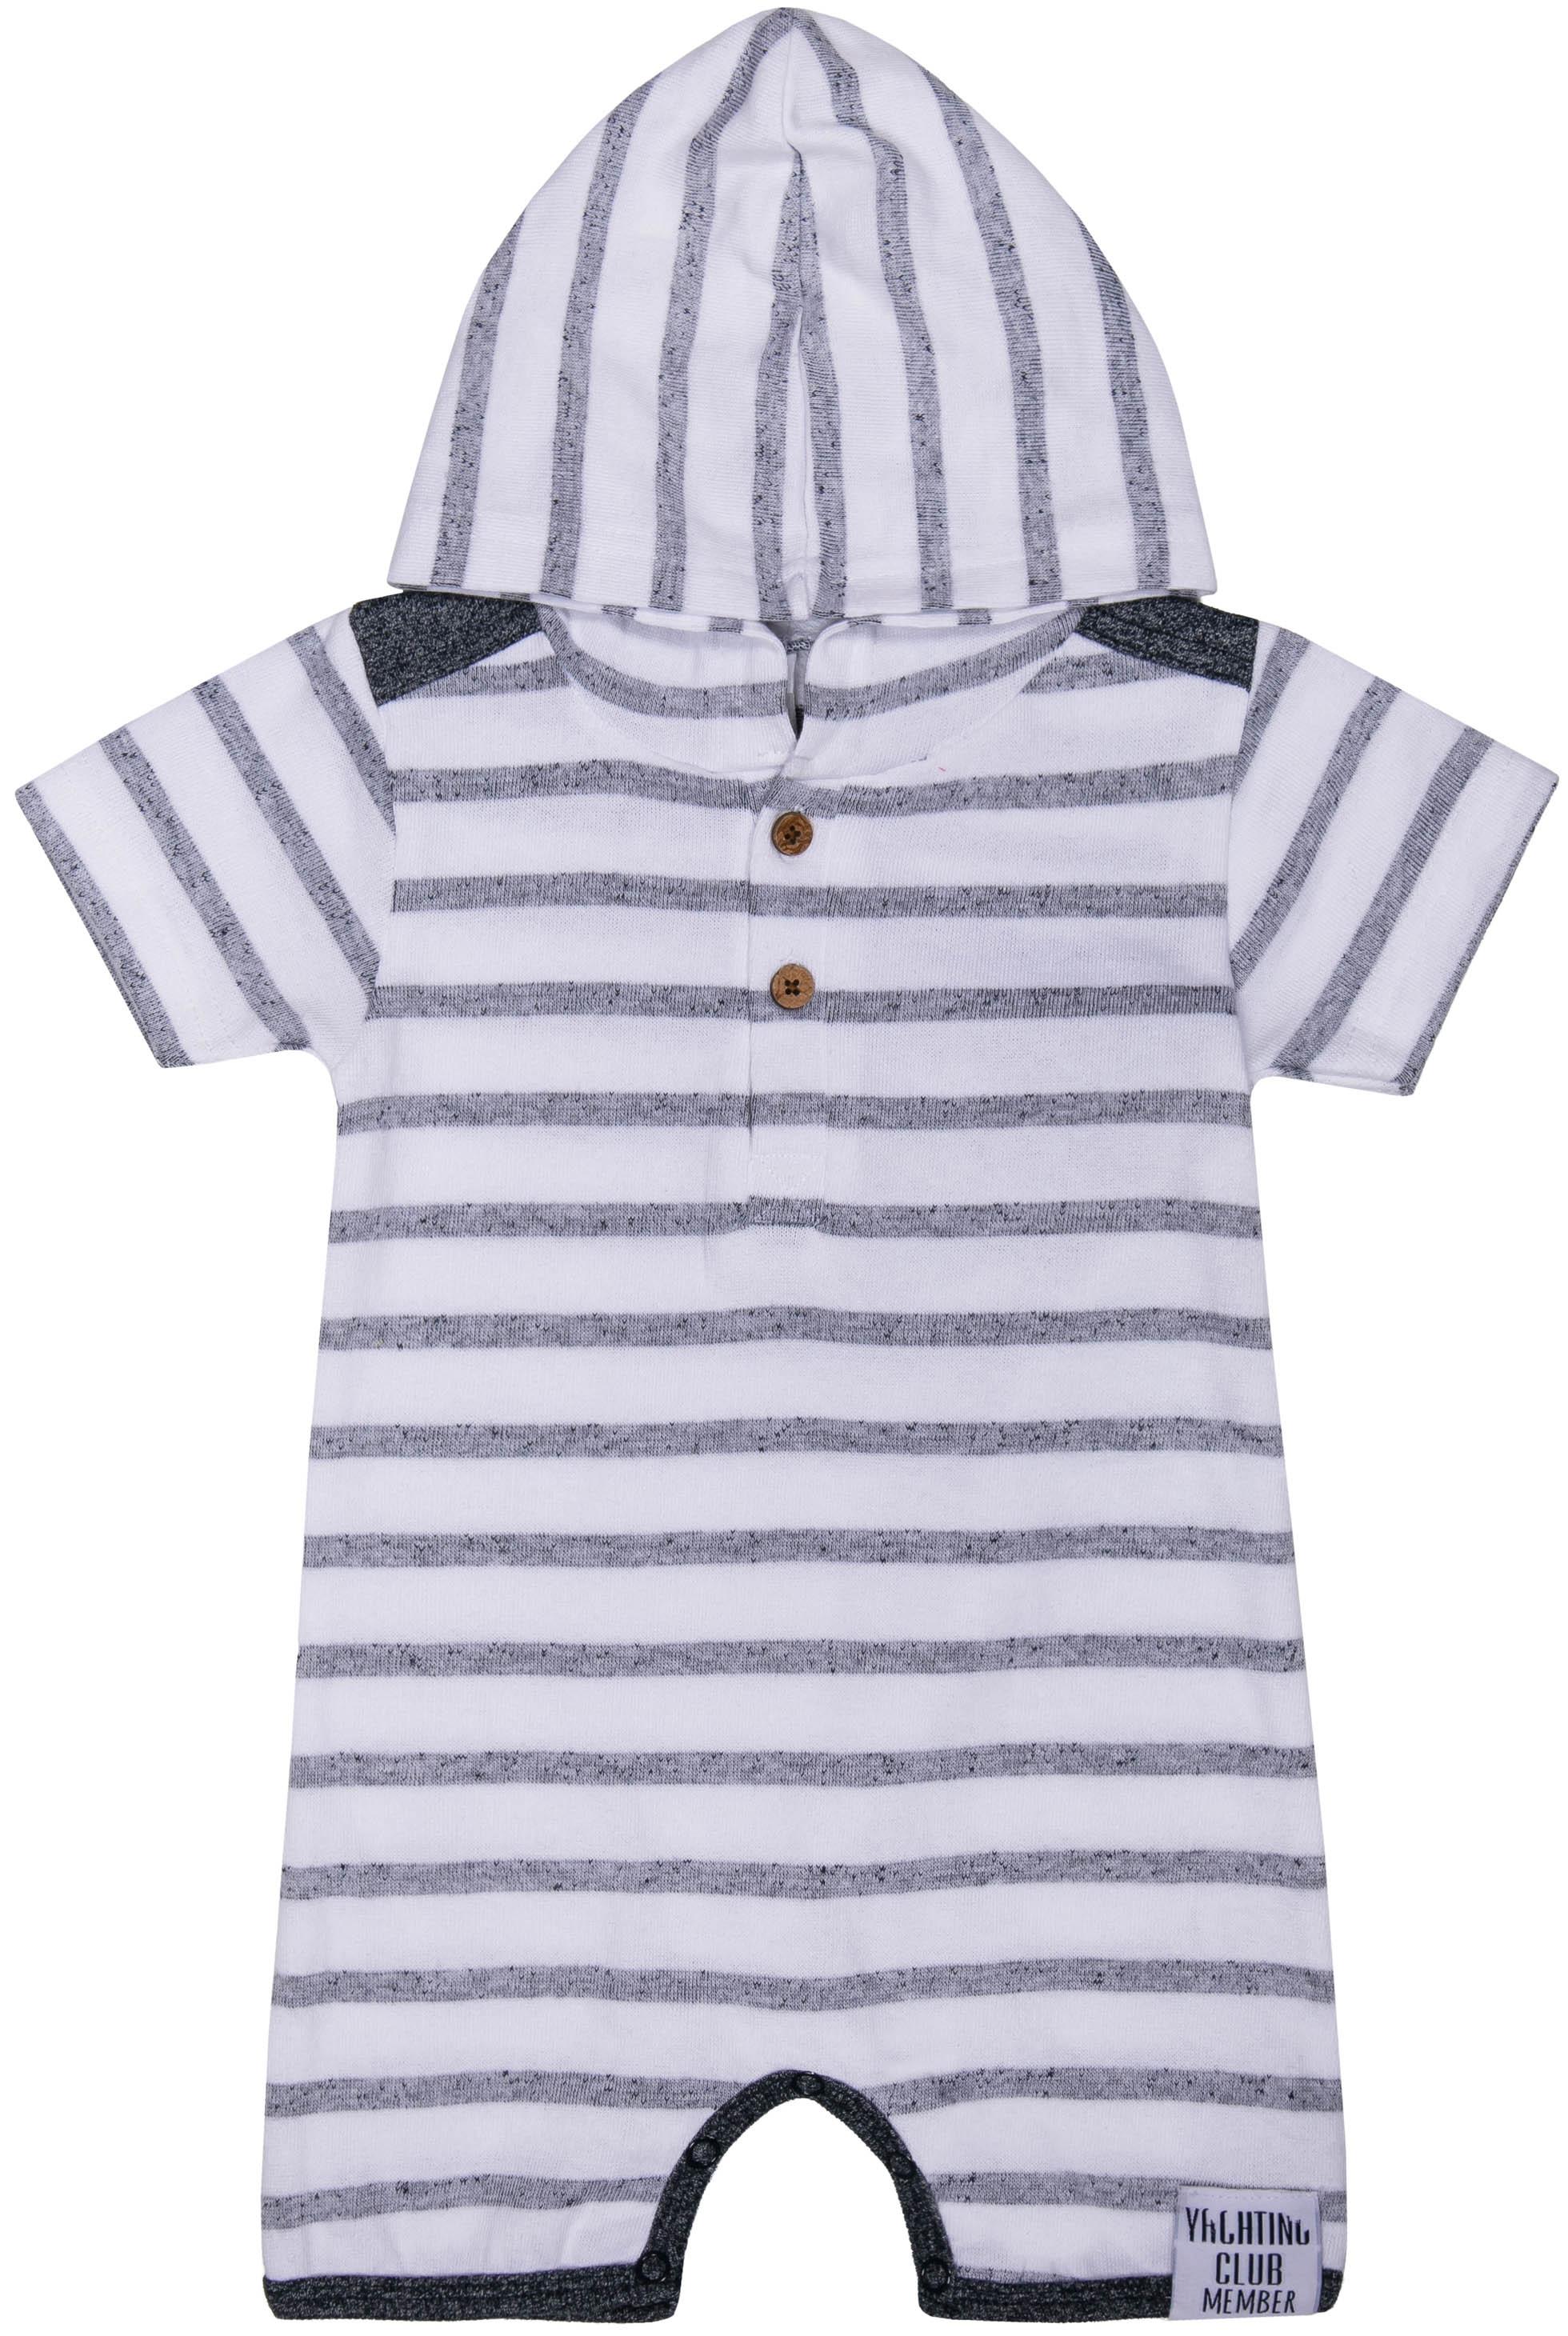 Полукомбинезон для мальчика Barkito Яхтклуб белый в синюю полоску полукомбинезон джинсовый для мальчика barkito деним